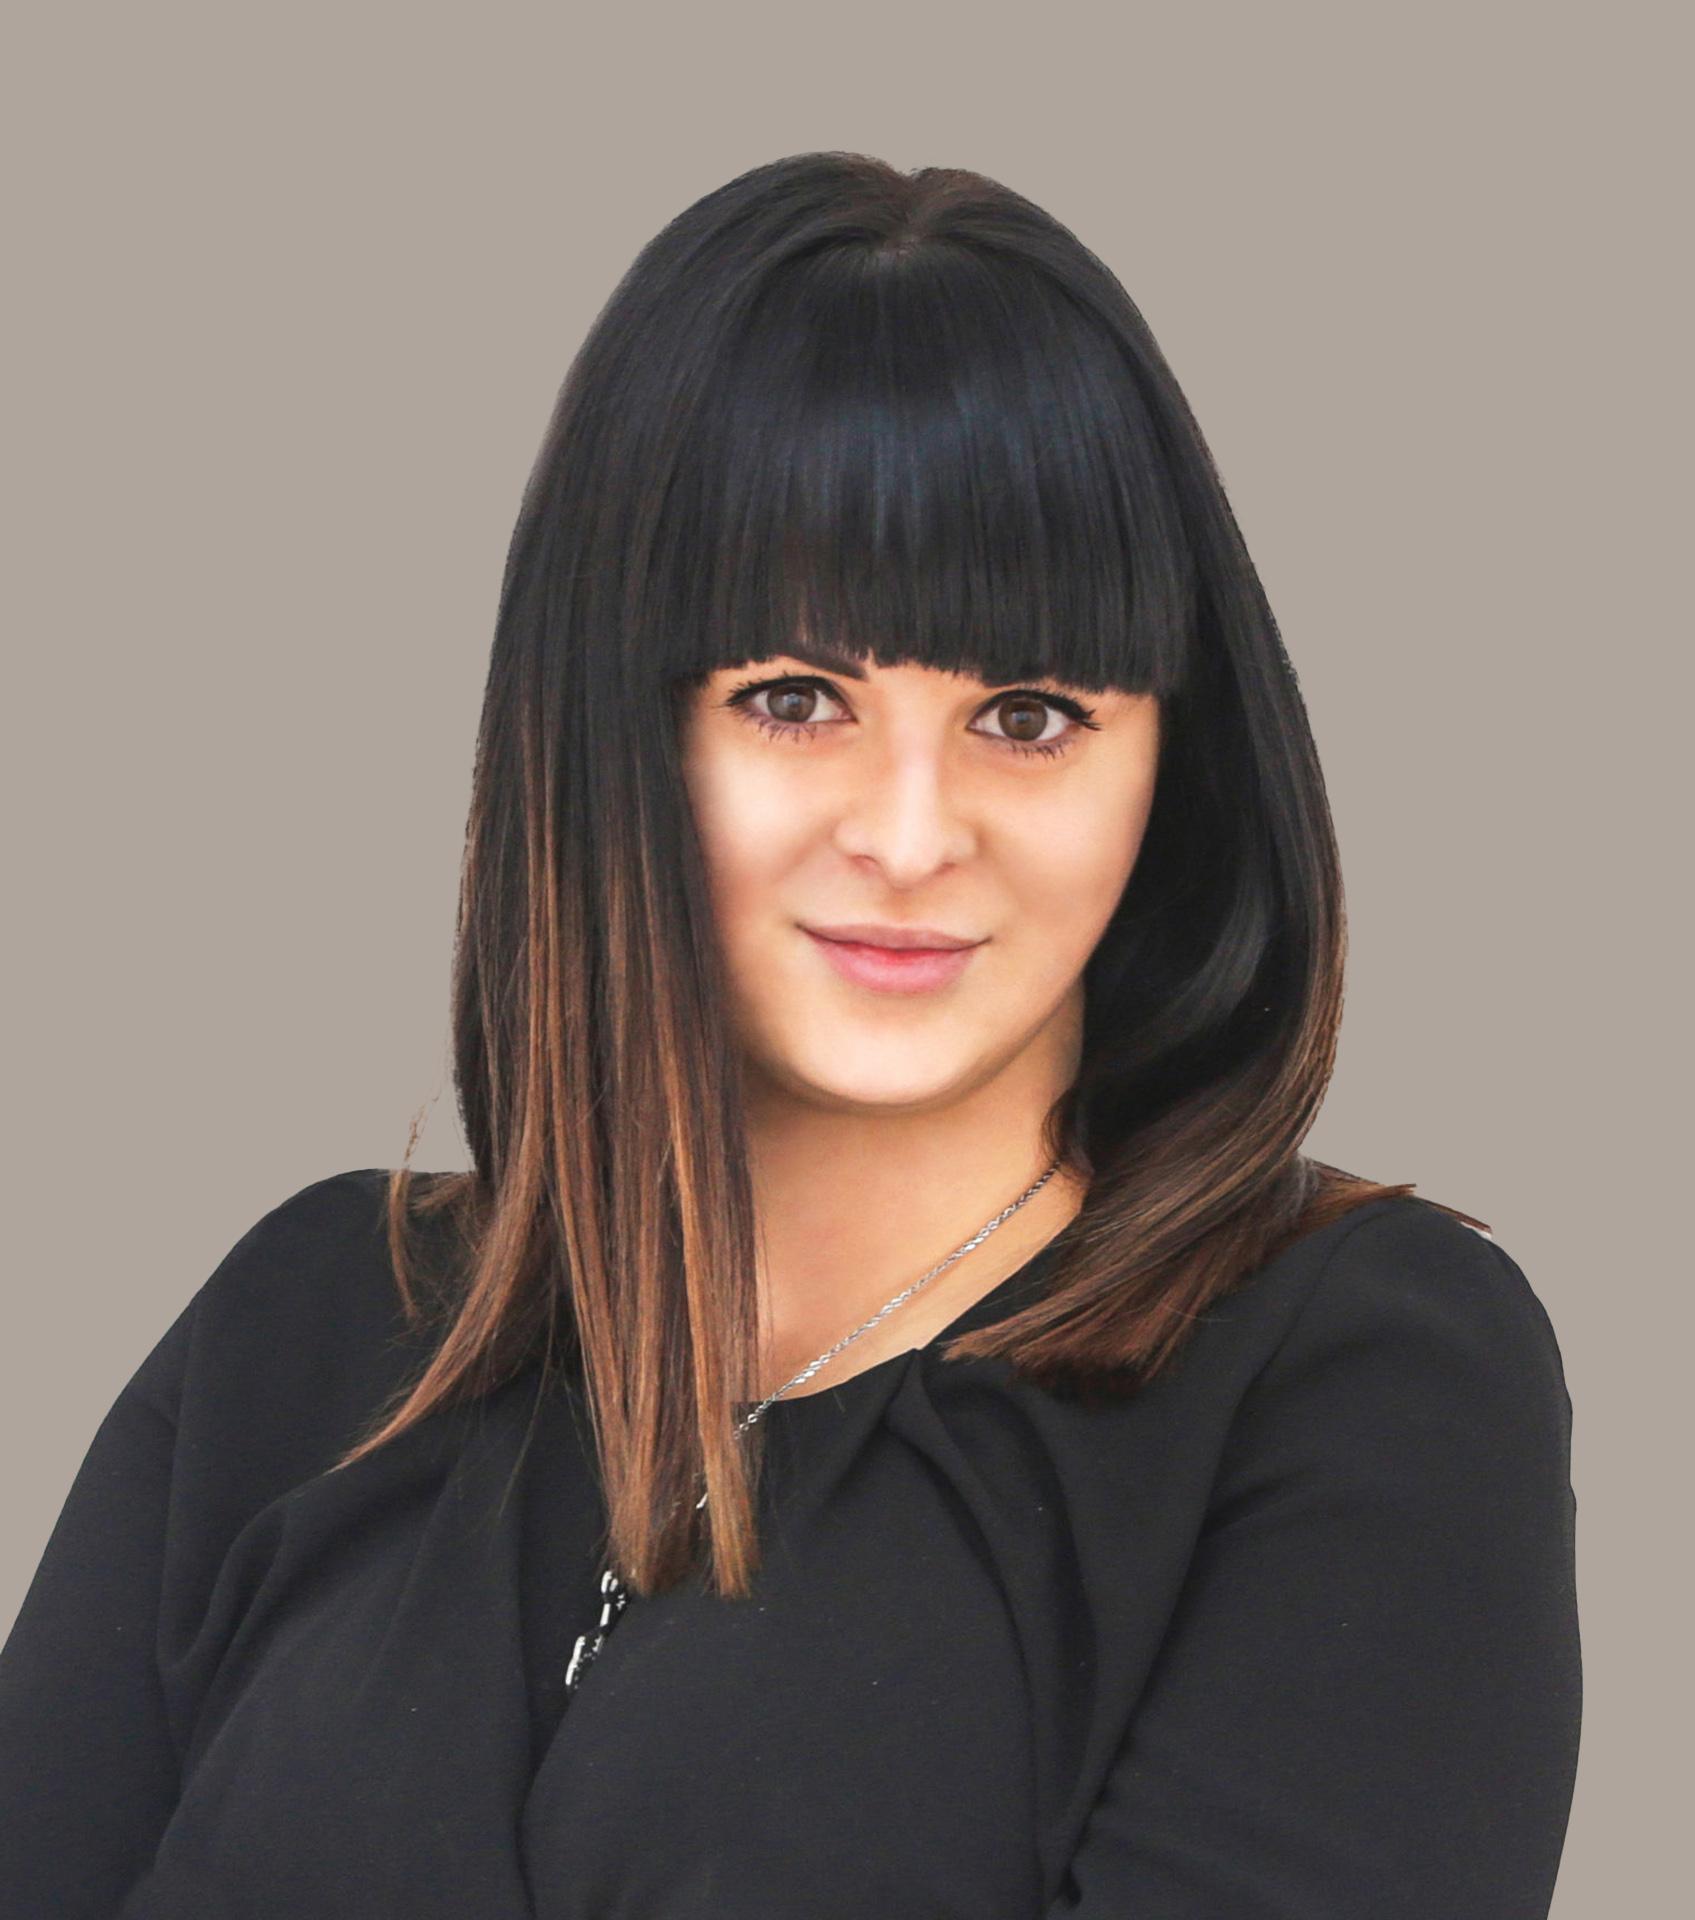 Agata Krupa